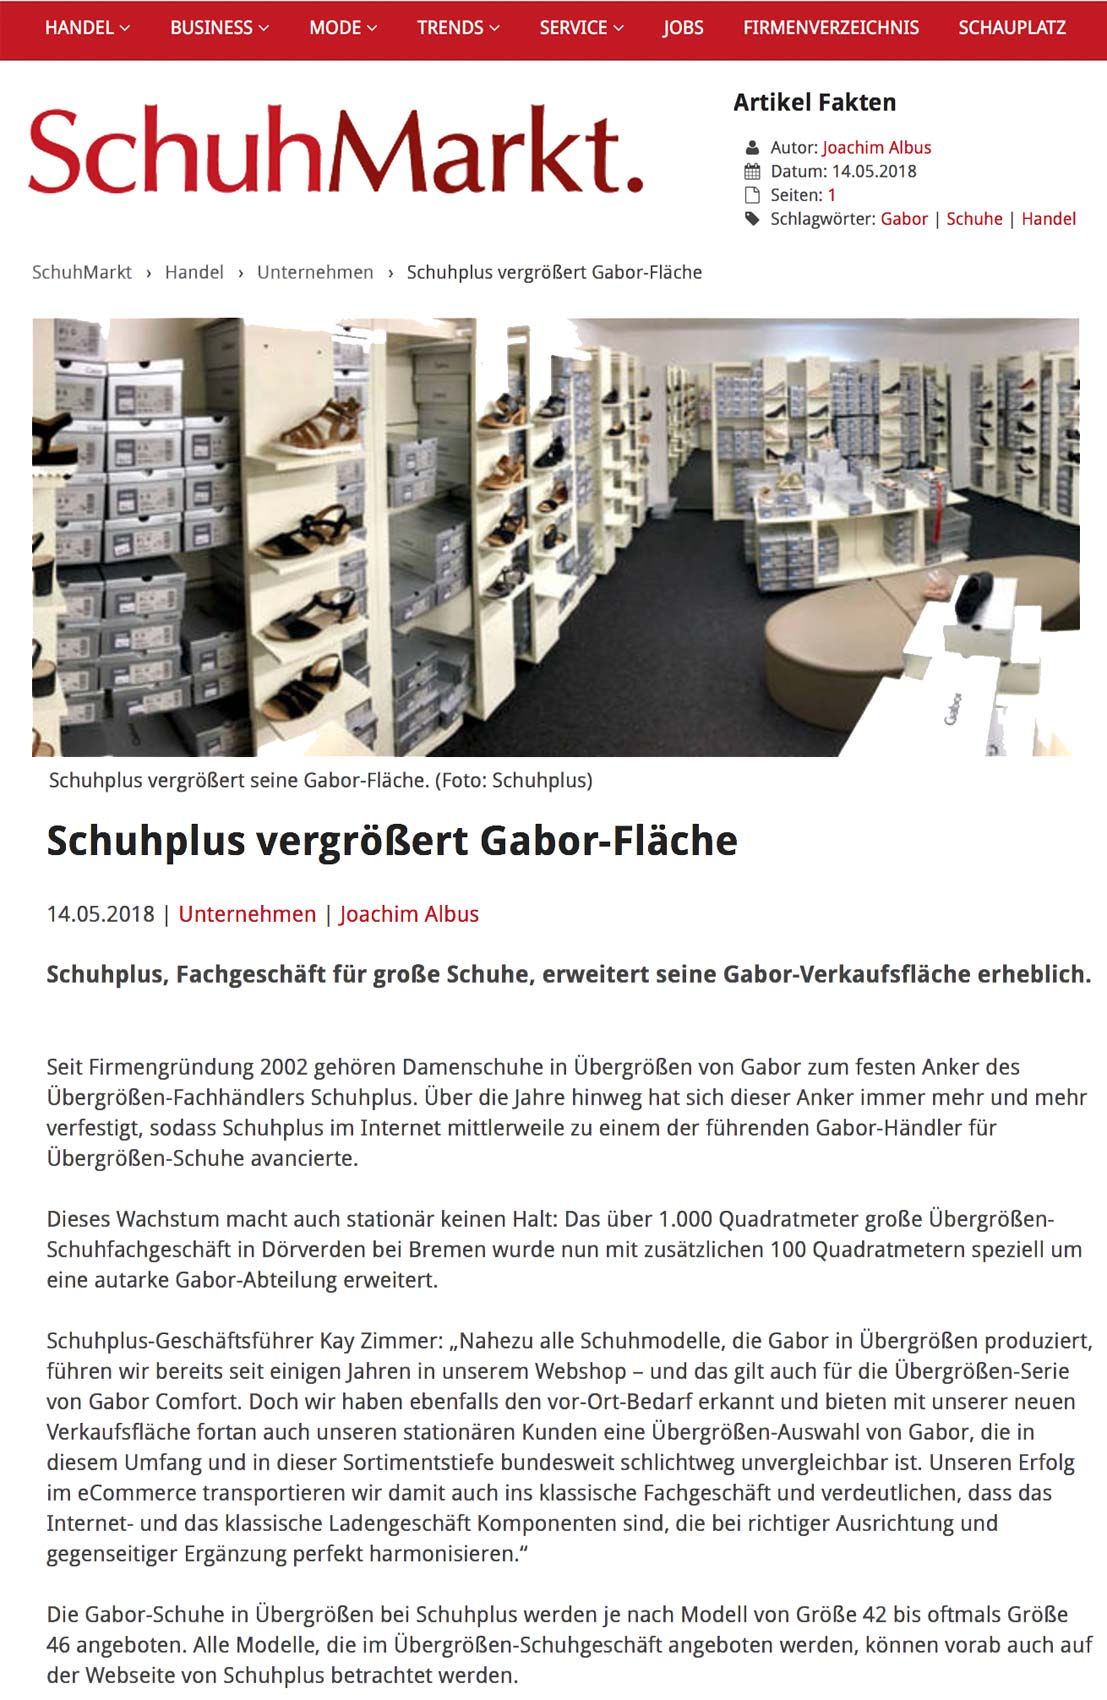 Bericht über schuhplus im Fachmagazin SchuhMarkt zur Gabor